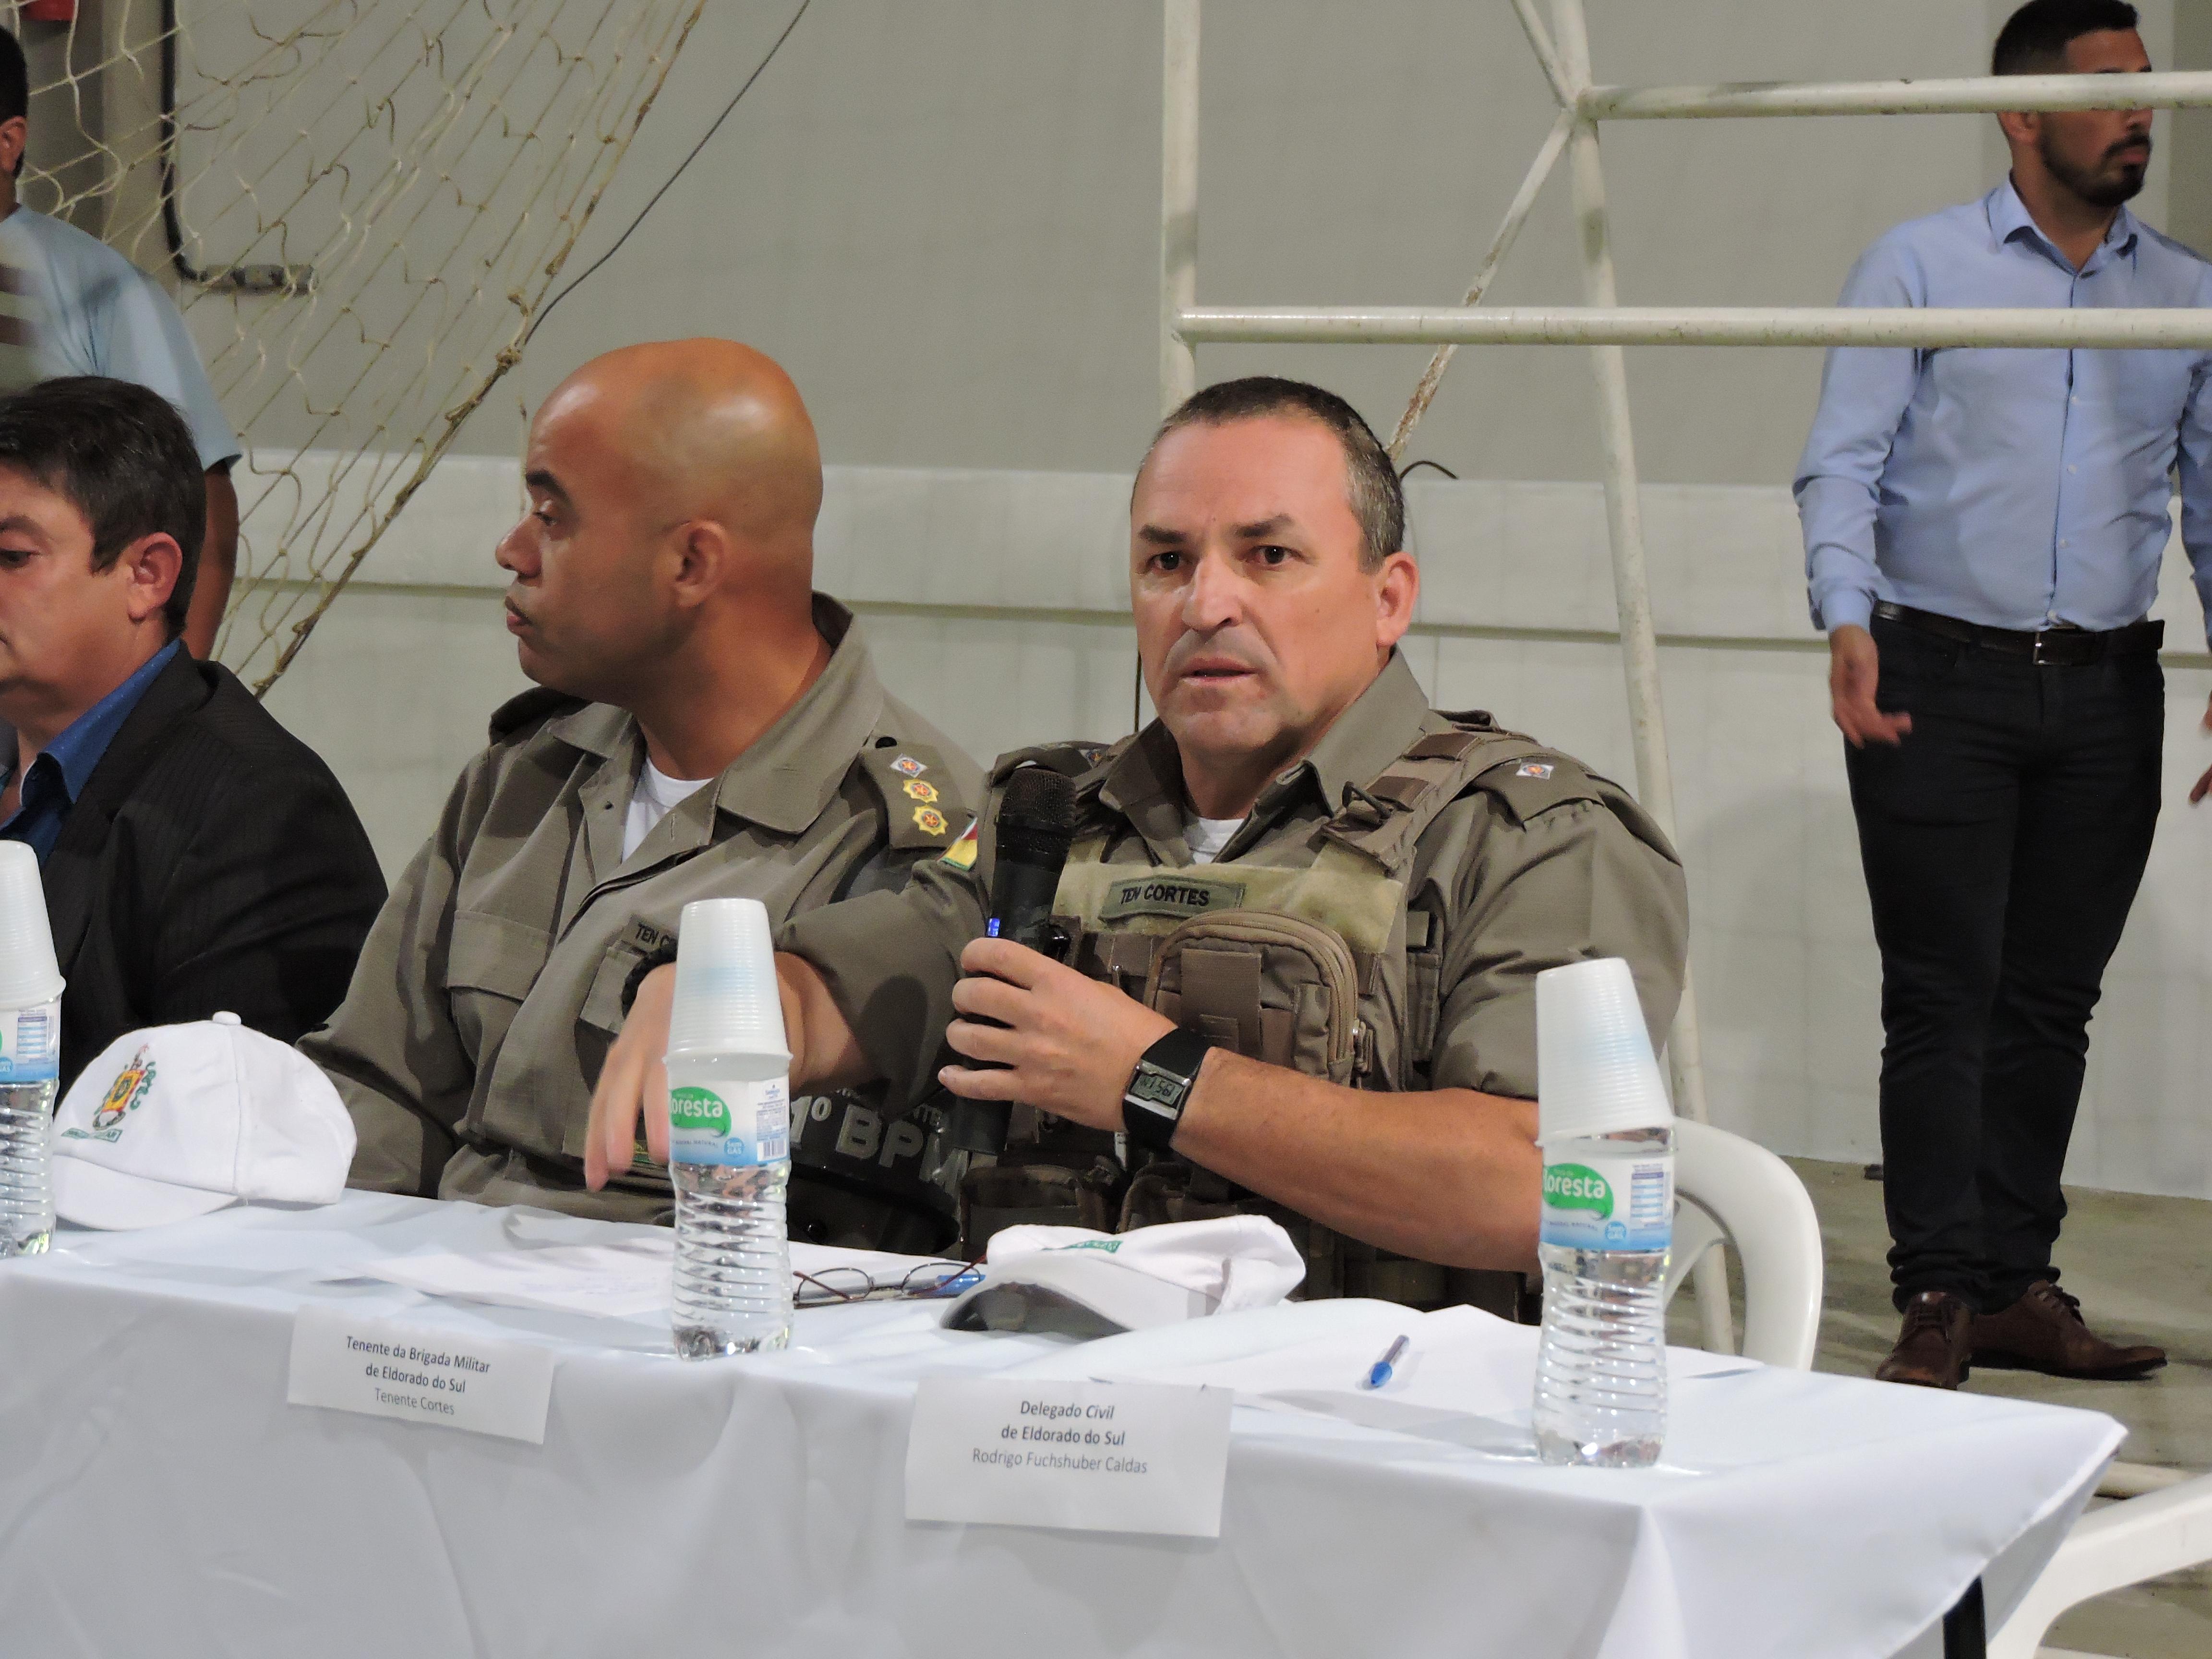 Tenente Cortes da Brigada Militar de Eldorado do Sul